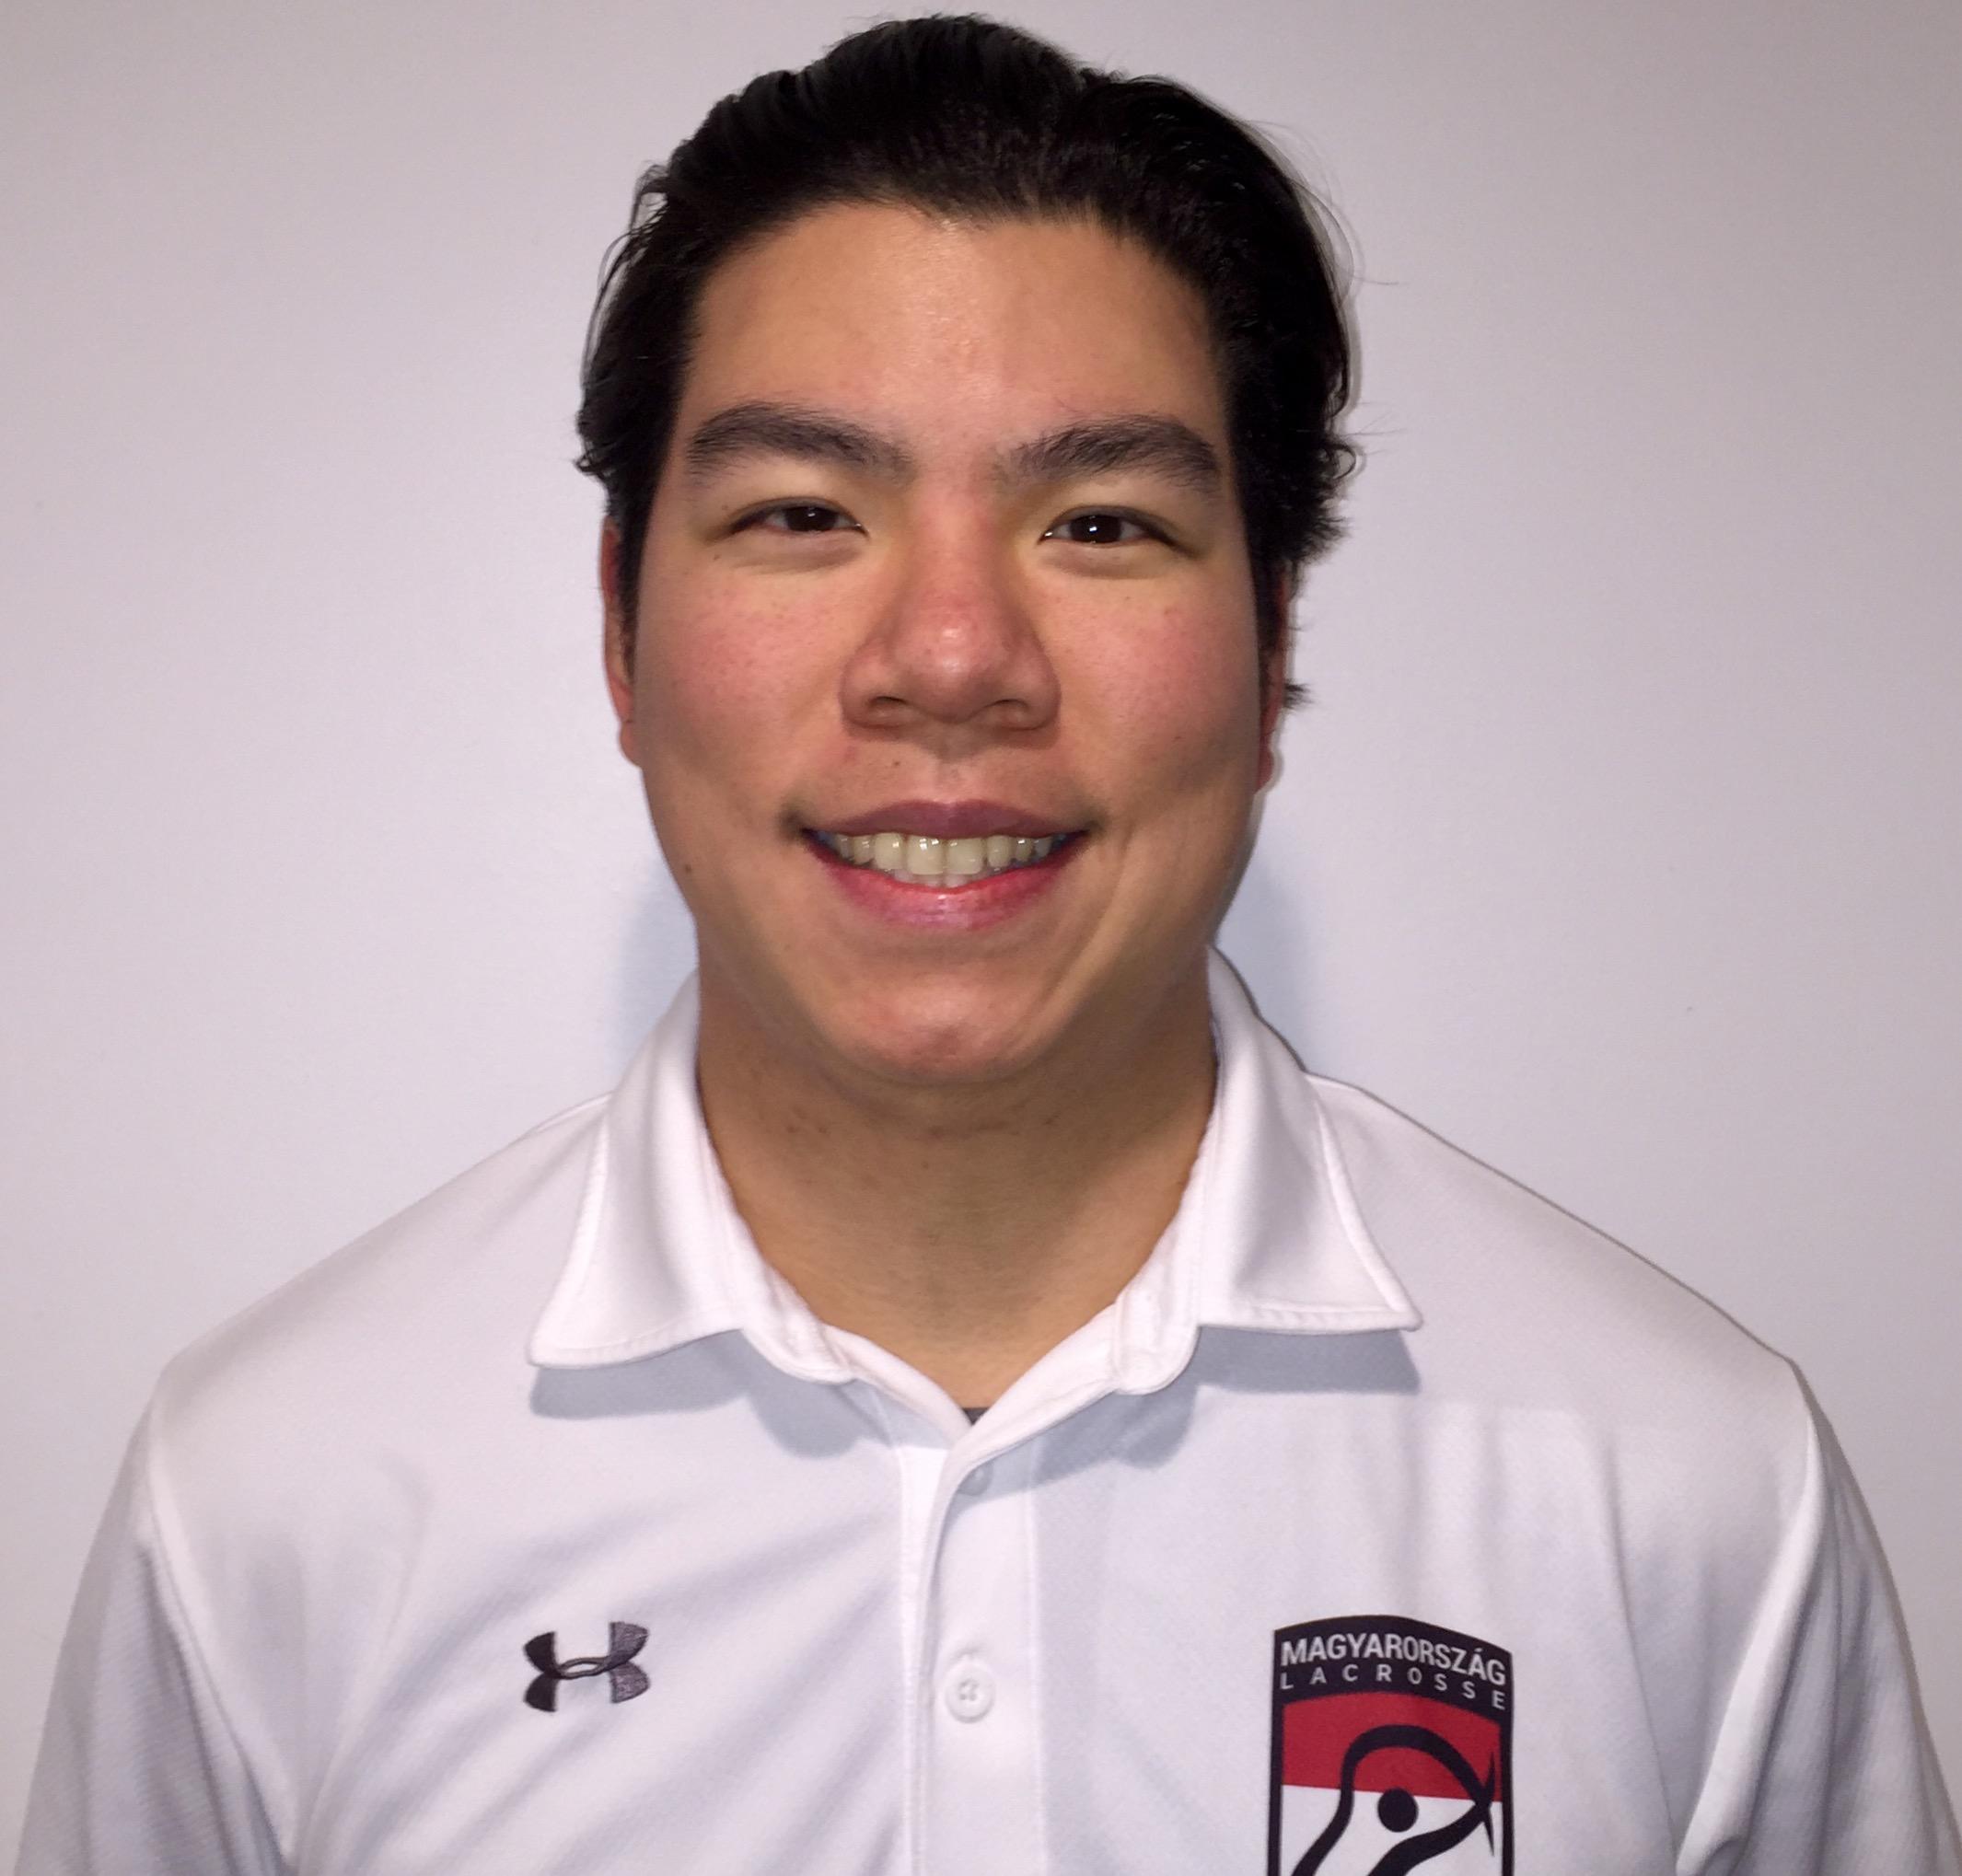 Hungary Lacrosse Defensive Coordinator, Jonathan Yen